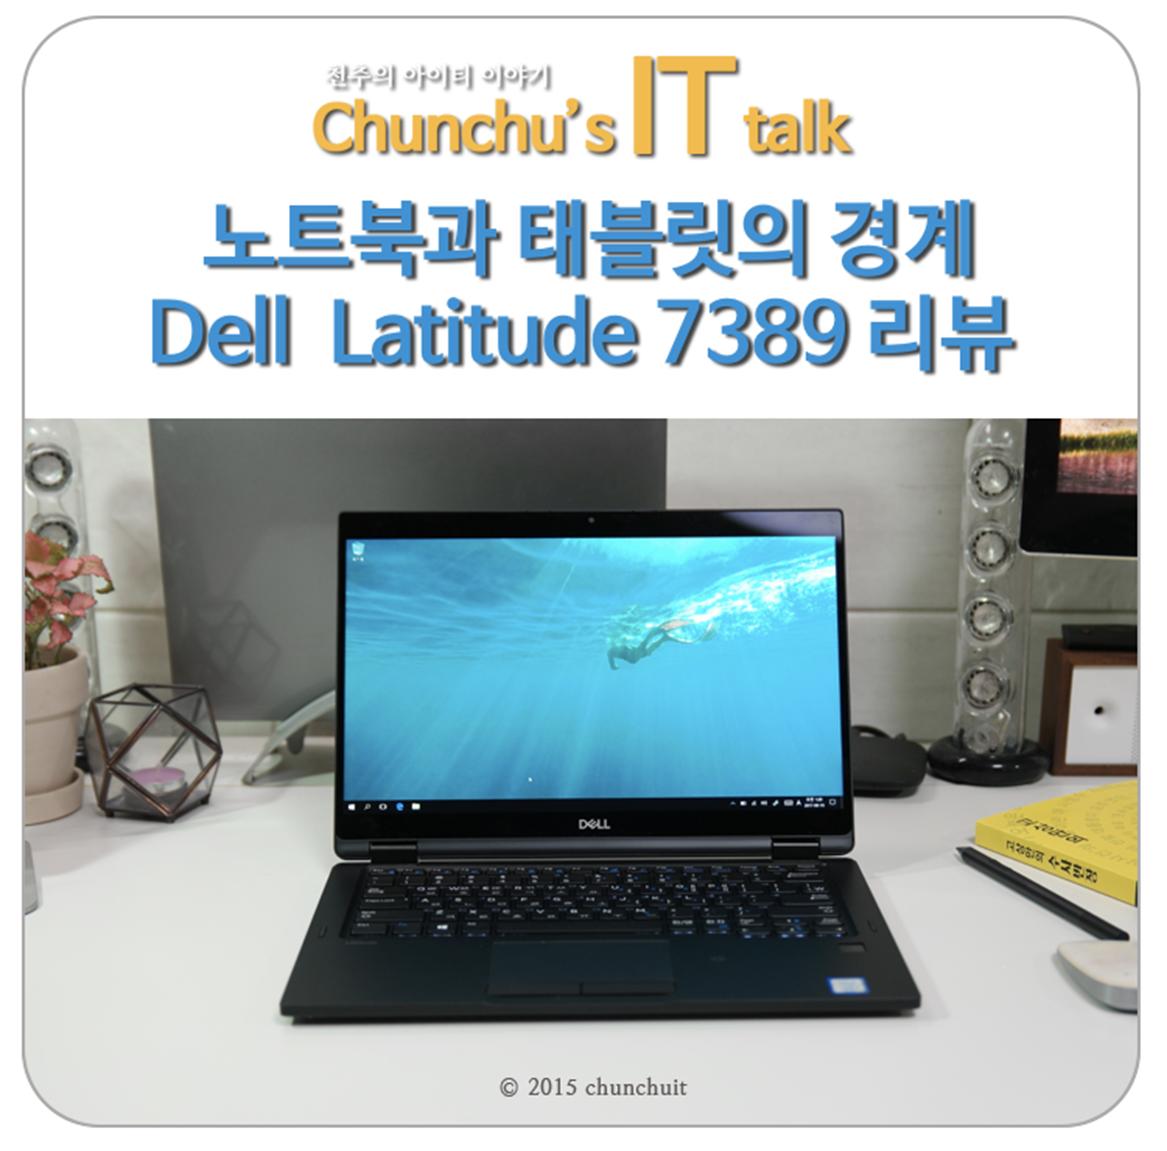 델 윈도우 태블릿 Dell Latitude 7389 2-in-1 리뷰